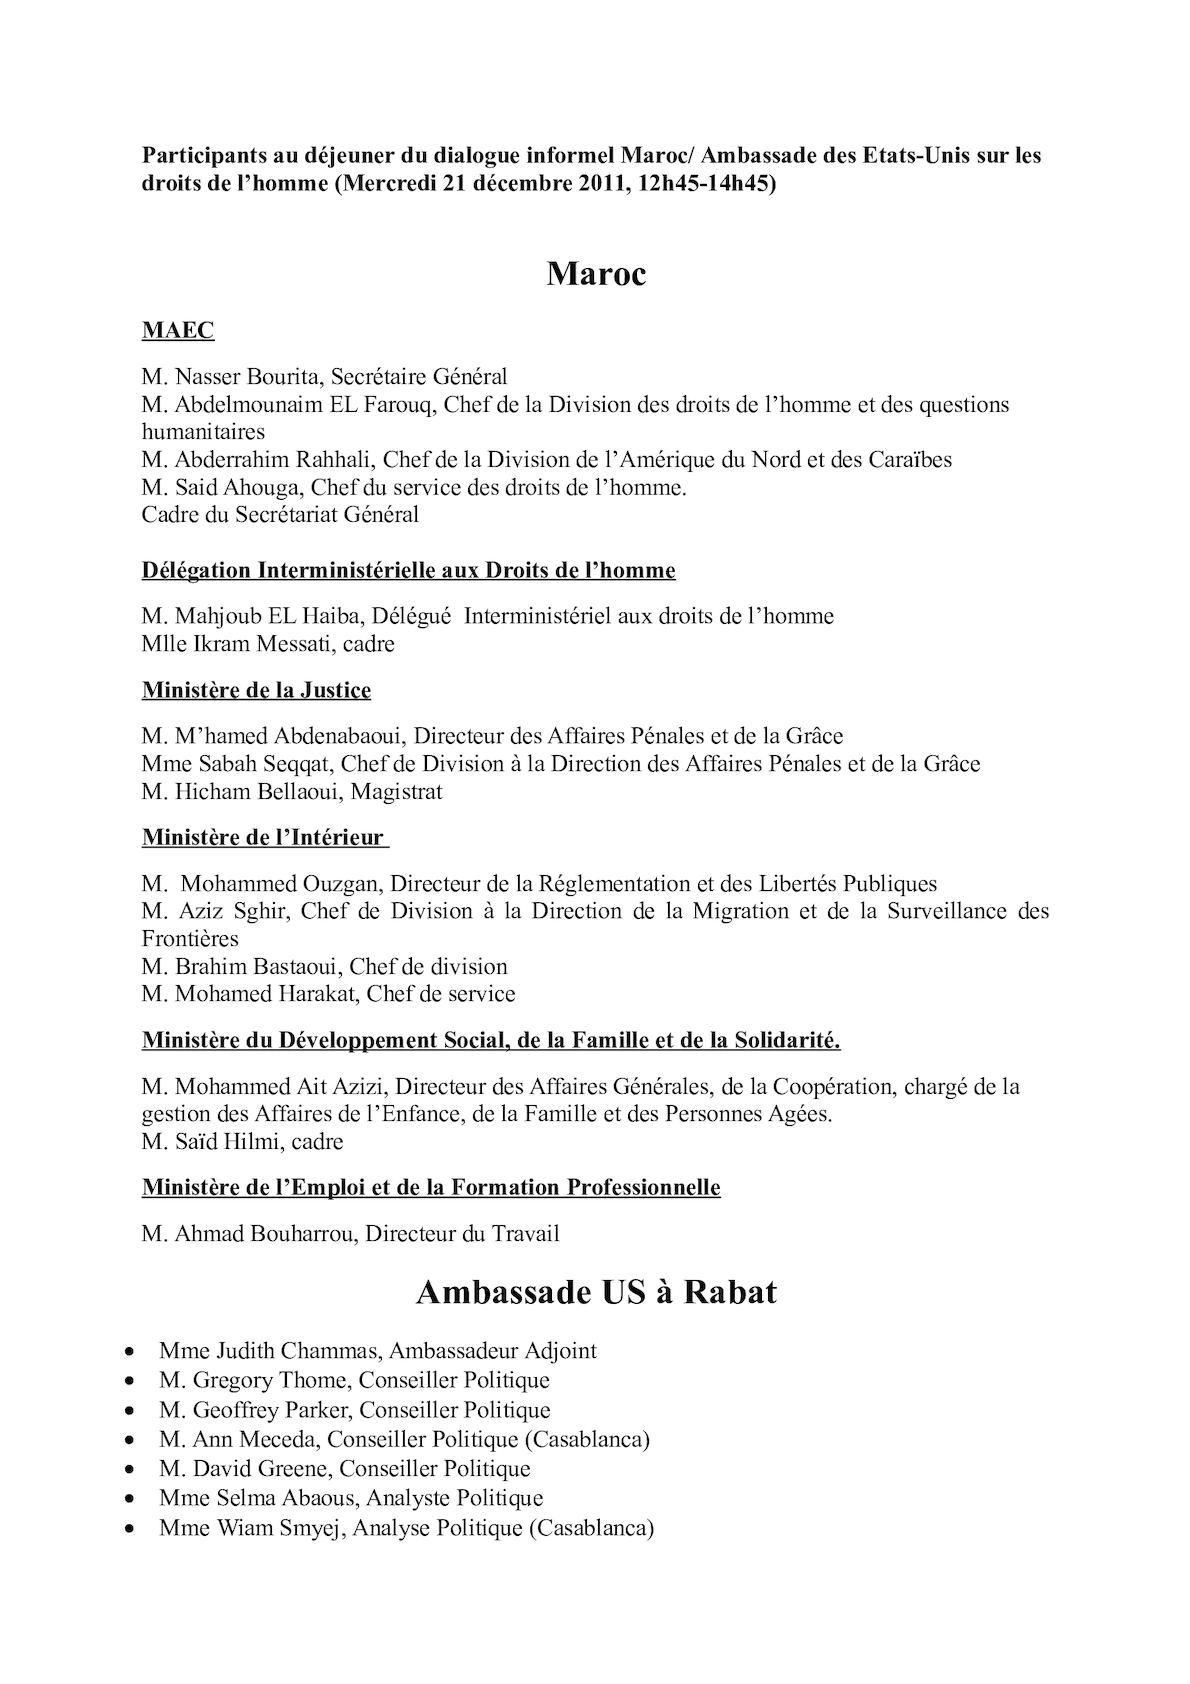 Participants Au Déjeuner Du Dialogue Informel Maroc 1